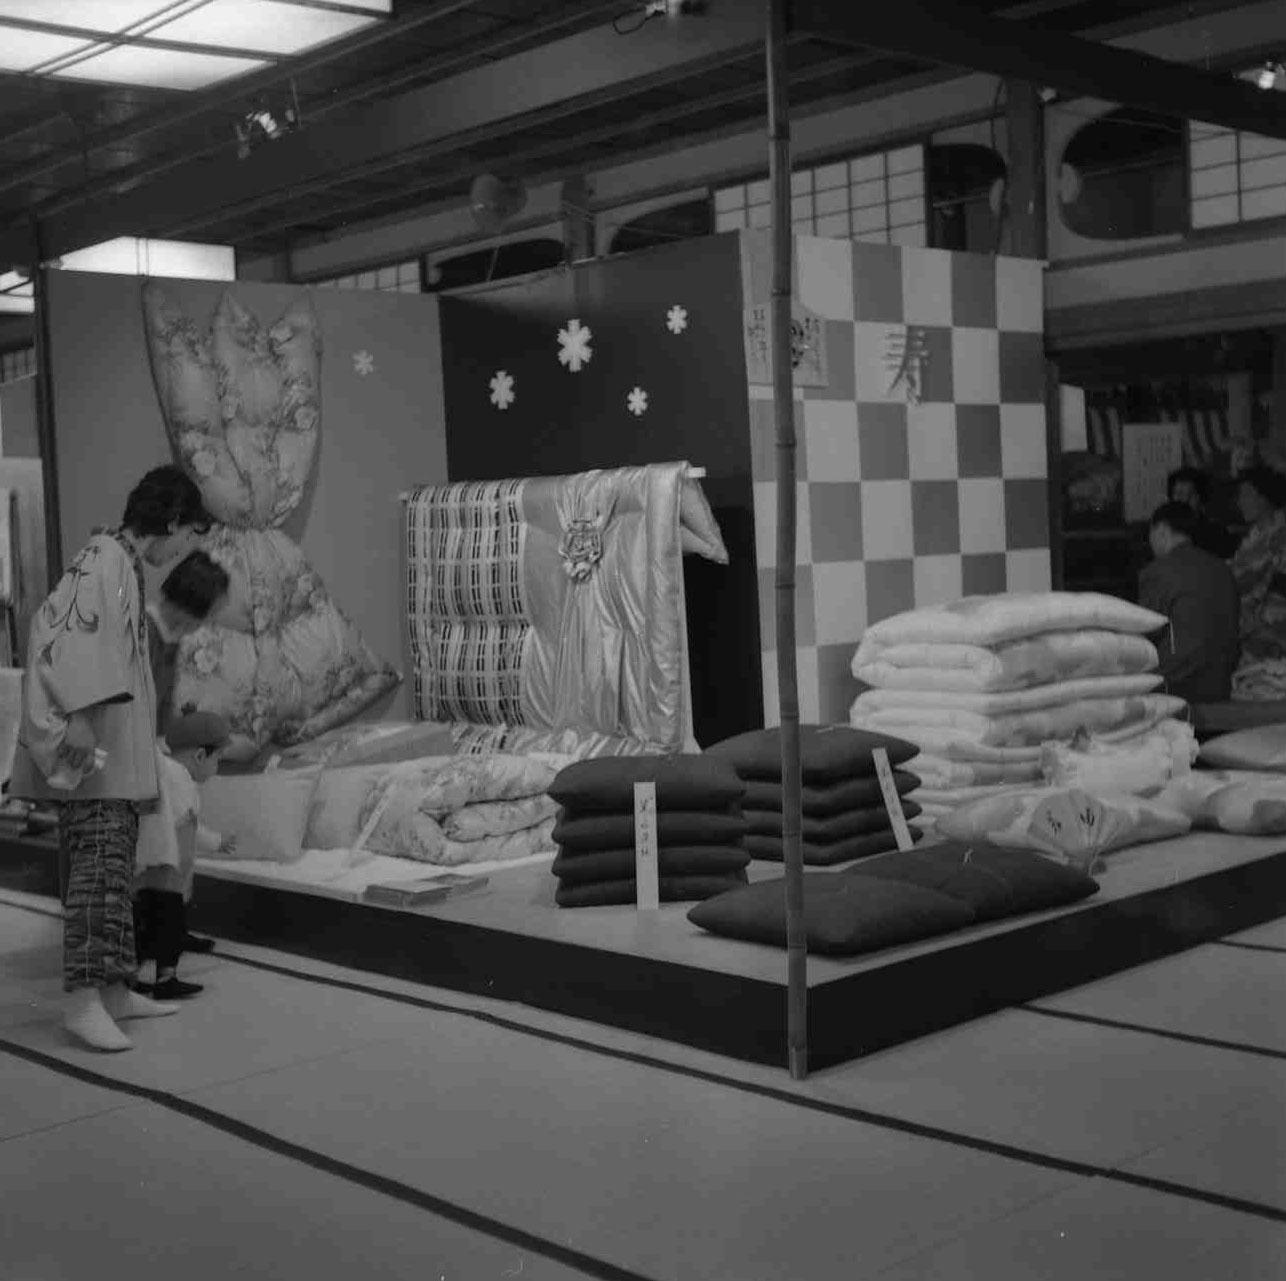 京都の地域企業が、社会課題を生まない思想から学んだこと|岩田 有史|(株)イワタ